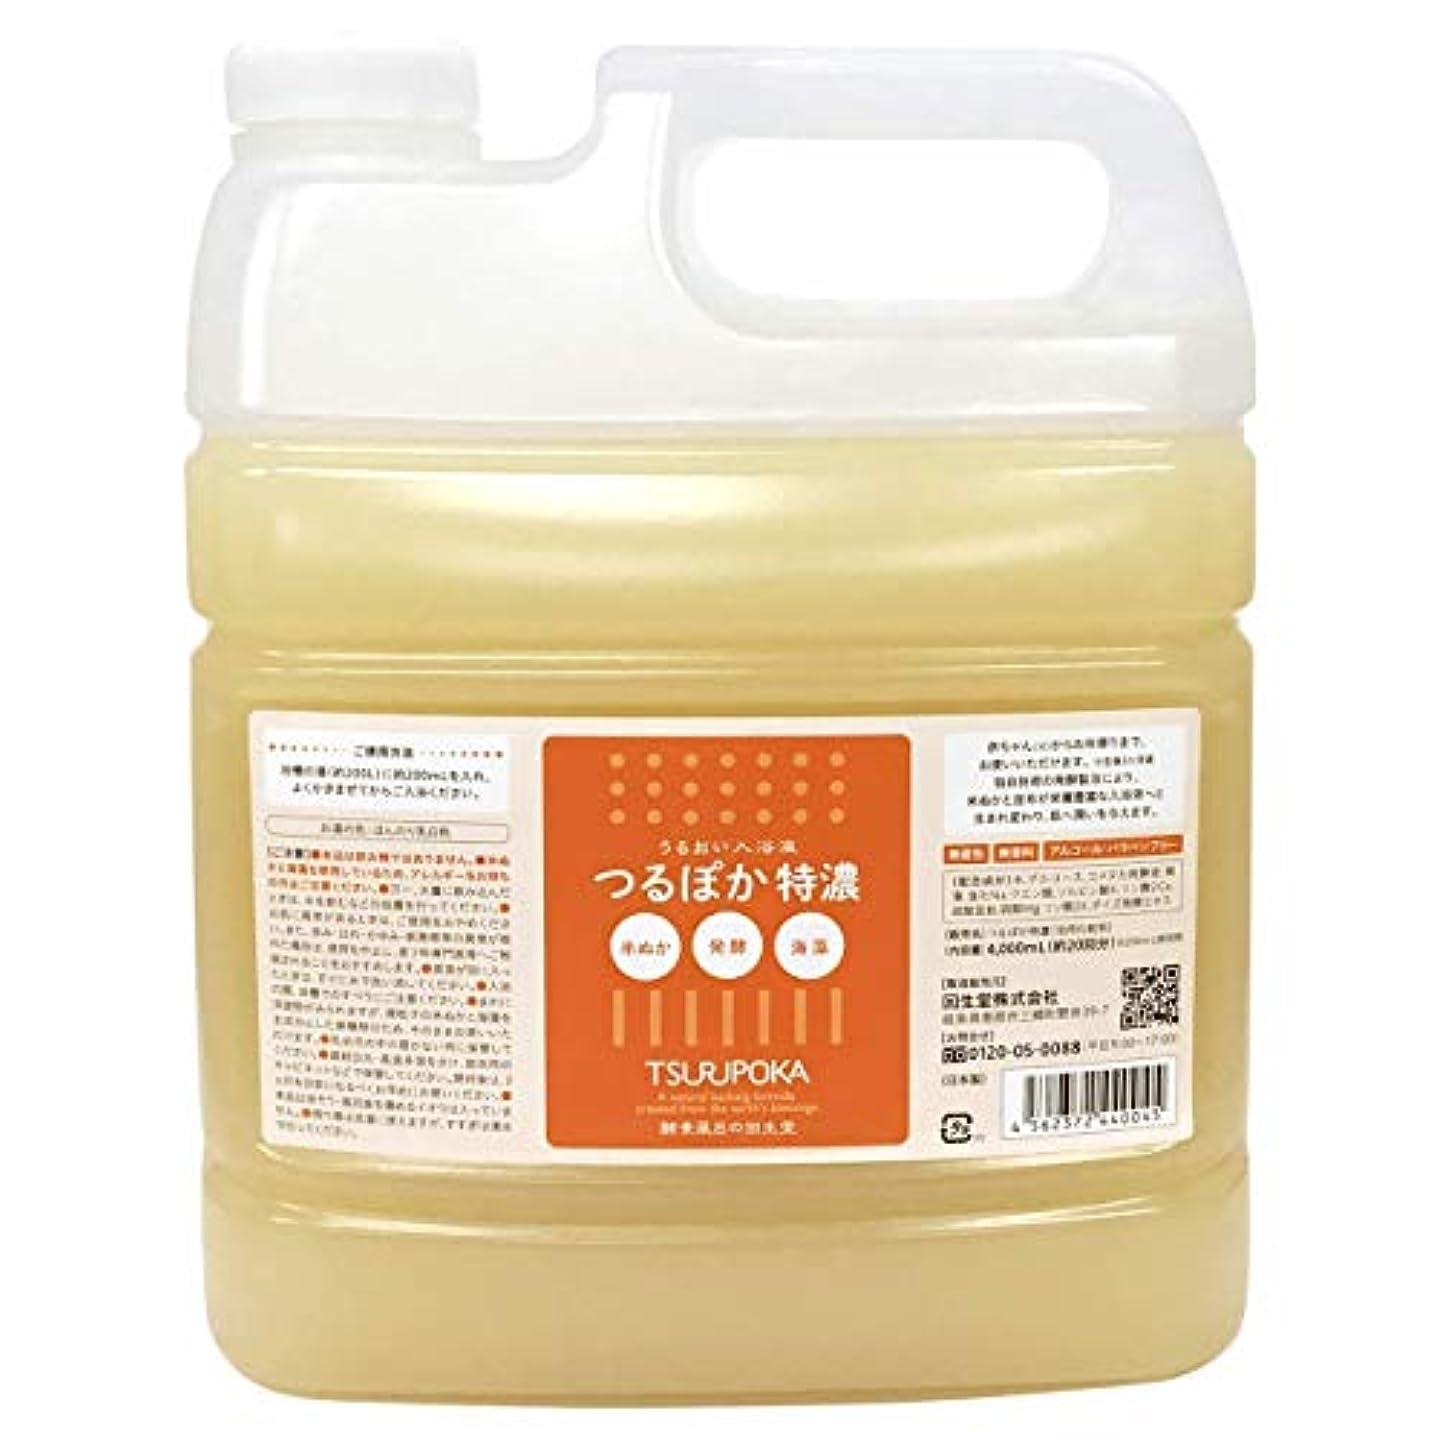 ロンドン共和国娯楽「自宅で簡単酵素風呂」つるぽか特濃 国産の米ぬかと昆布を発酵させた自然派酵素入浴液 約20回分(1回200mL使用)うるおい しっとり 保湿 冷え性 発汗 温活 入浴剤 全身美容